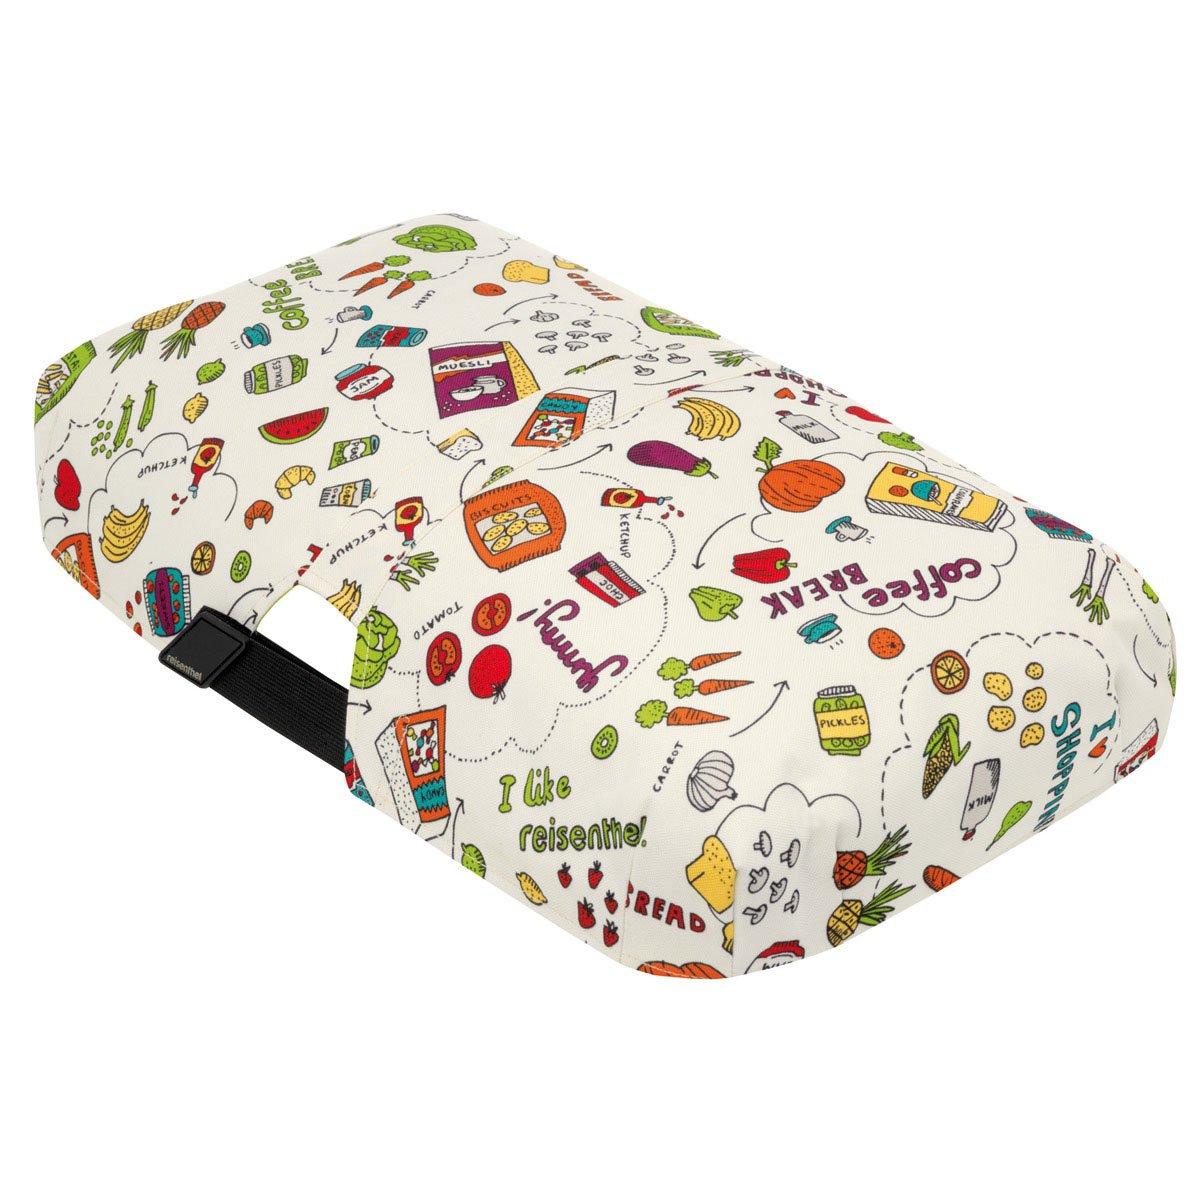 Reisenthel Carrybag cover I like shopping 12BA0090 BP1010